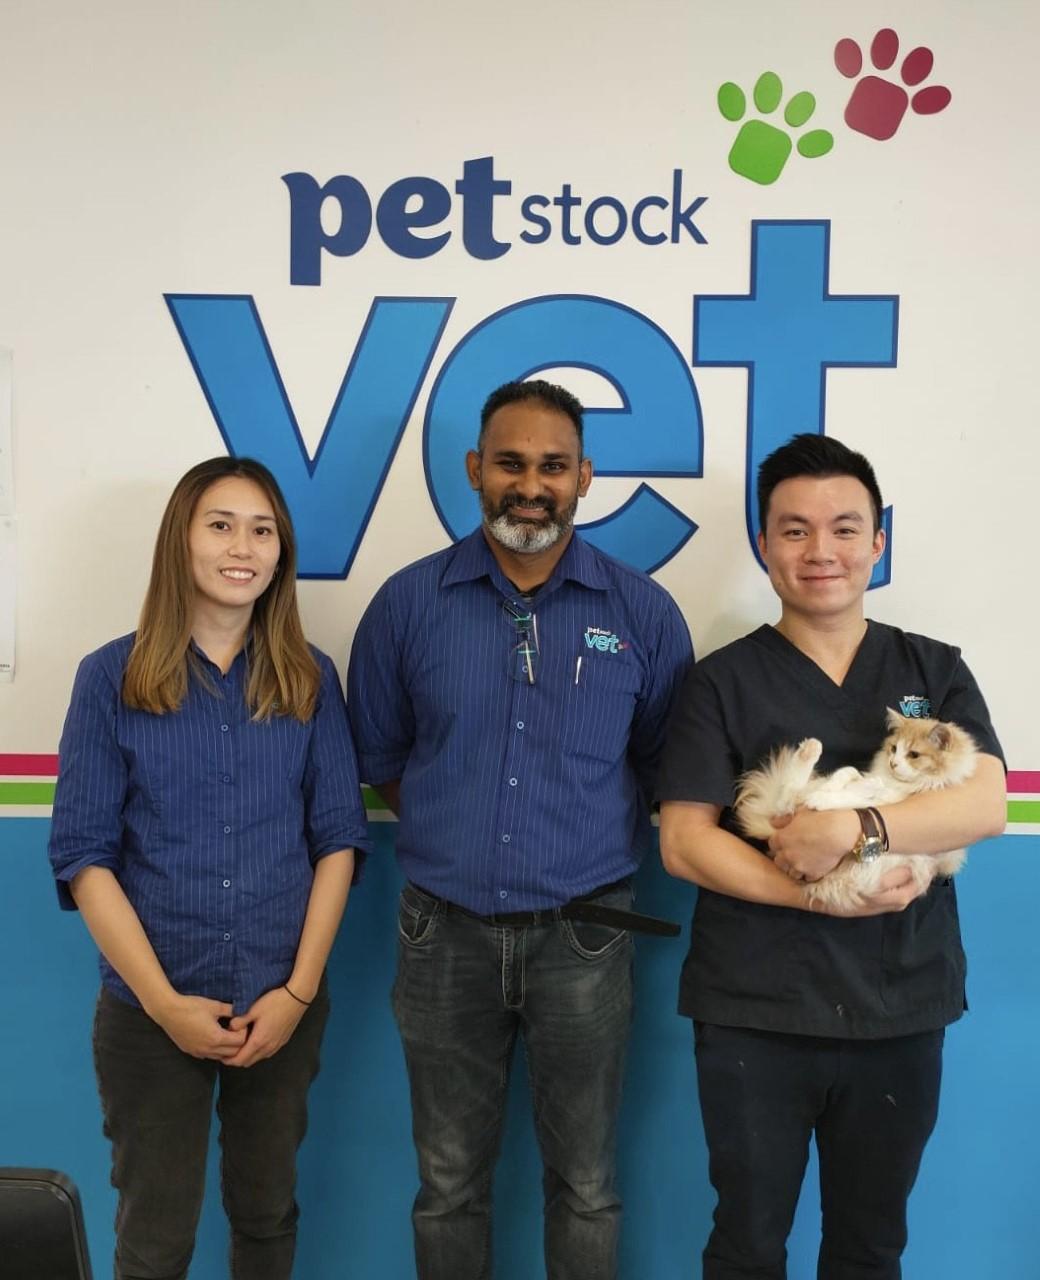 Vets at PETstock Craigieburn VET